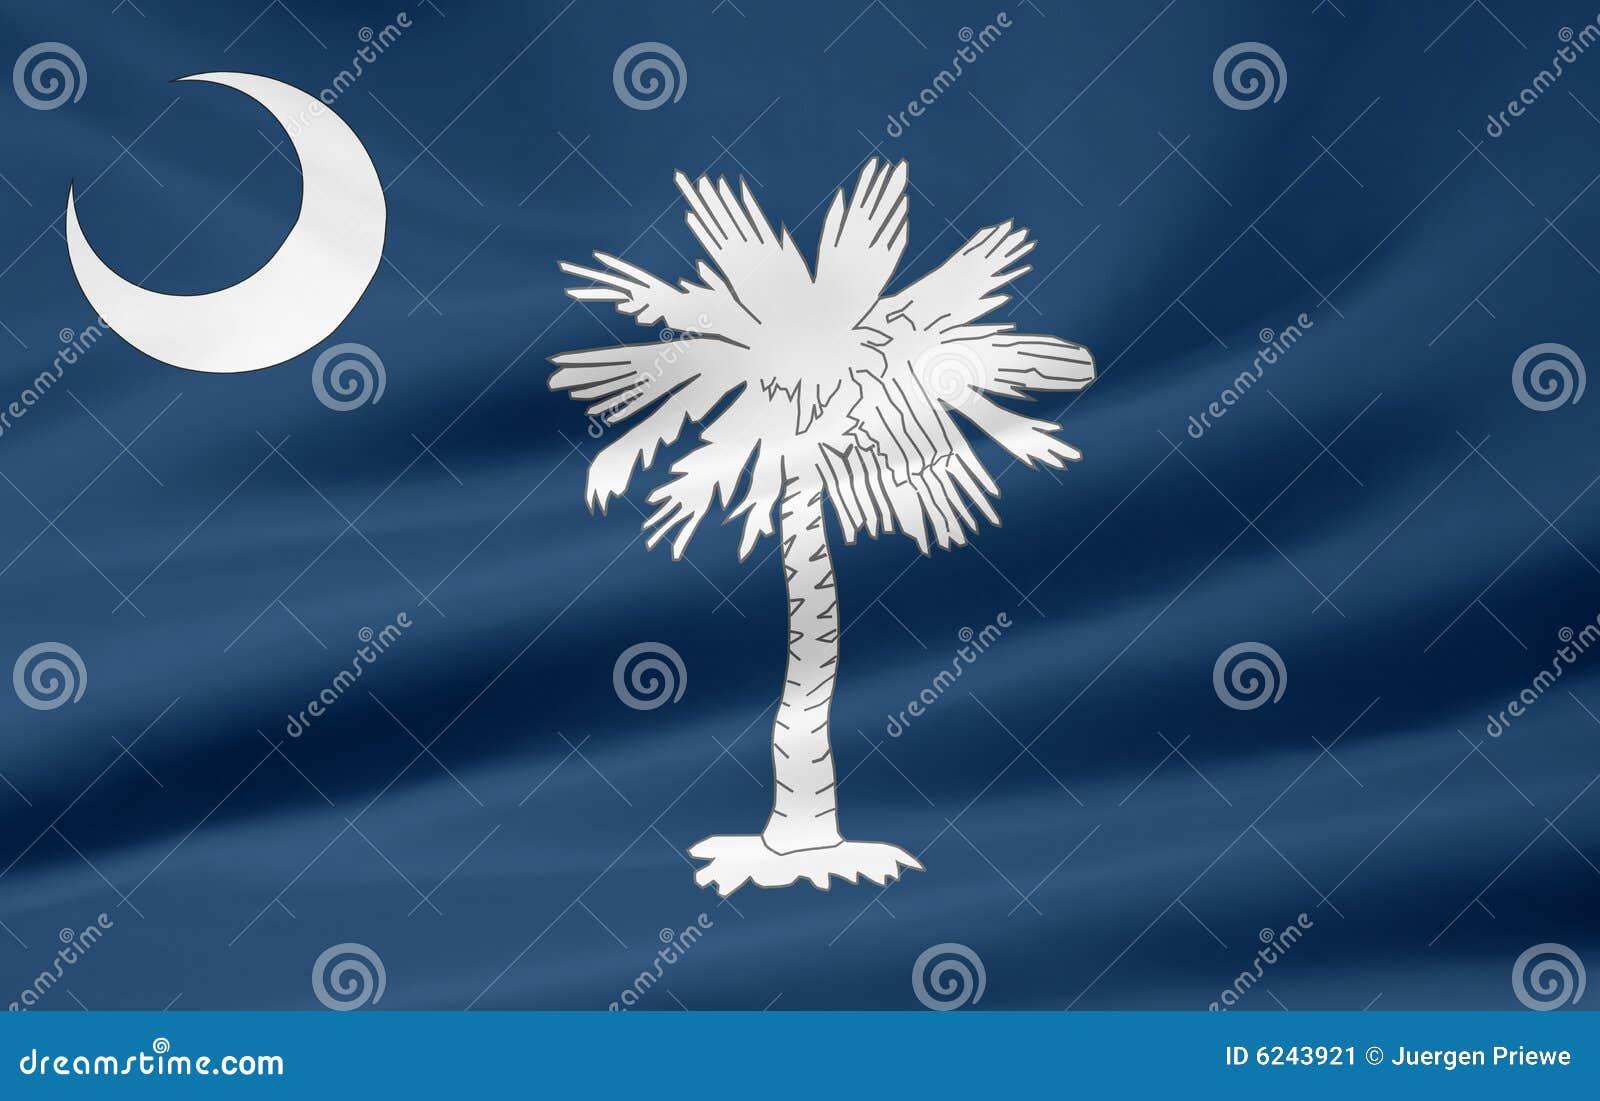 Södra carolina flagga